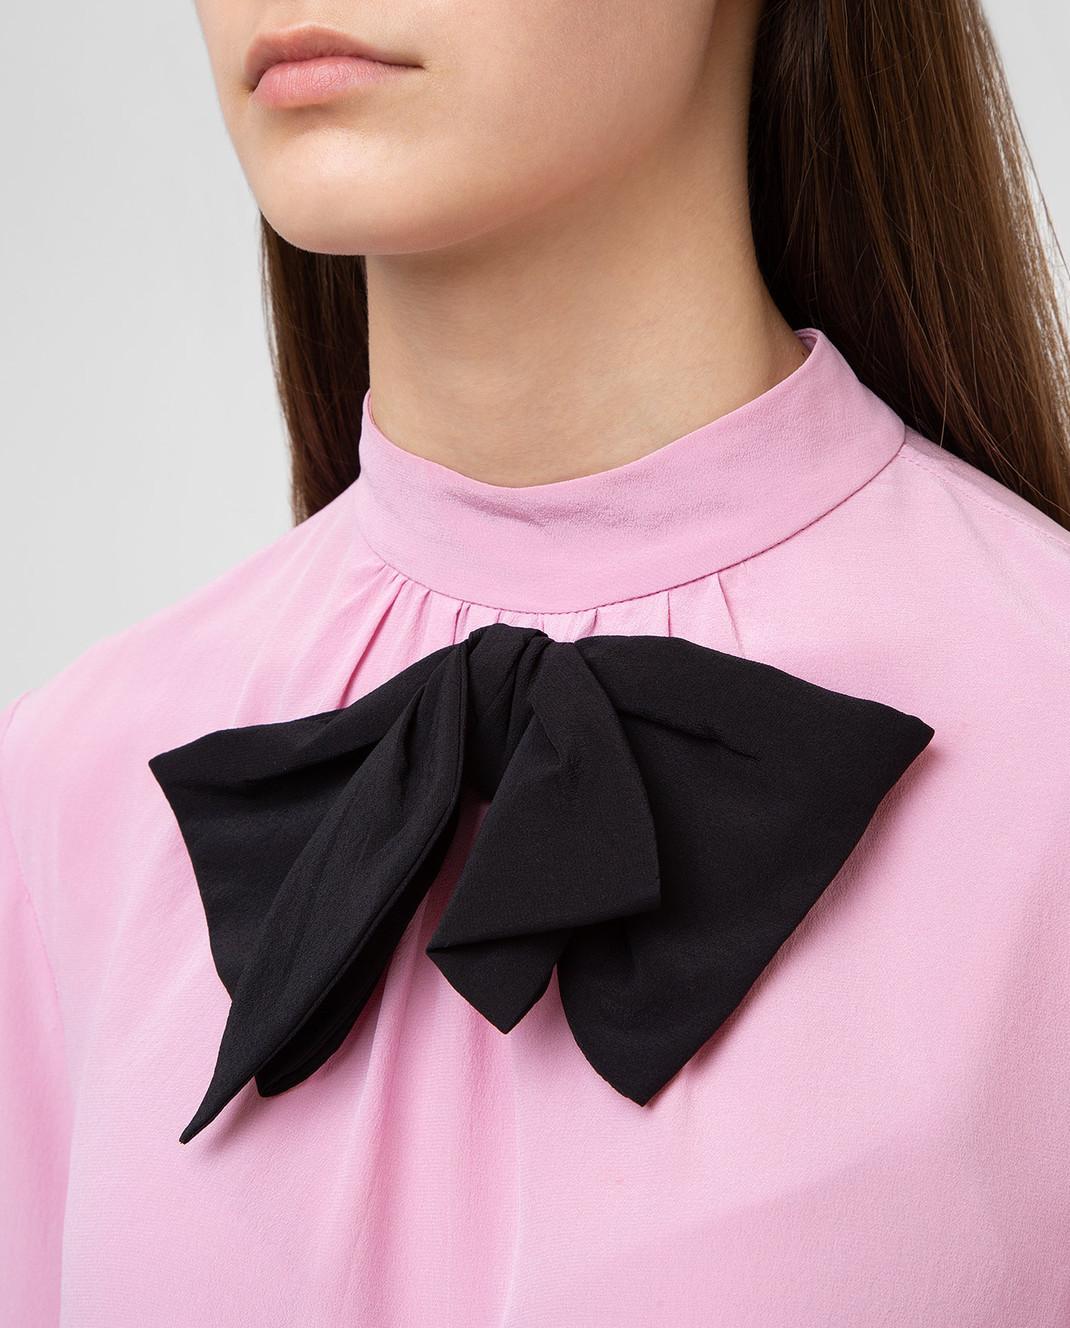 Prada Розовая блуза из шелка P970C изображение 5